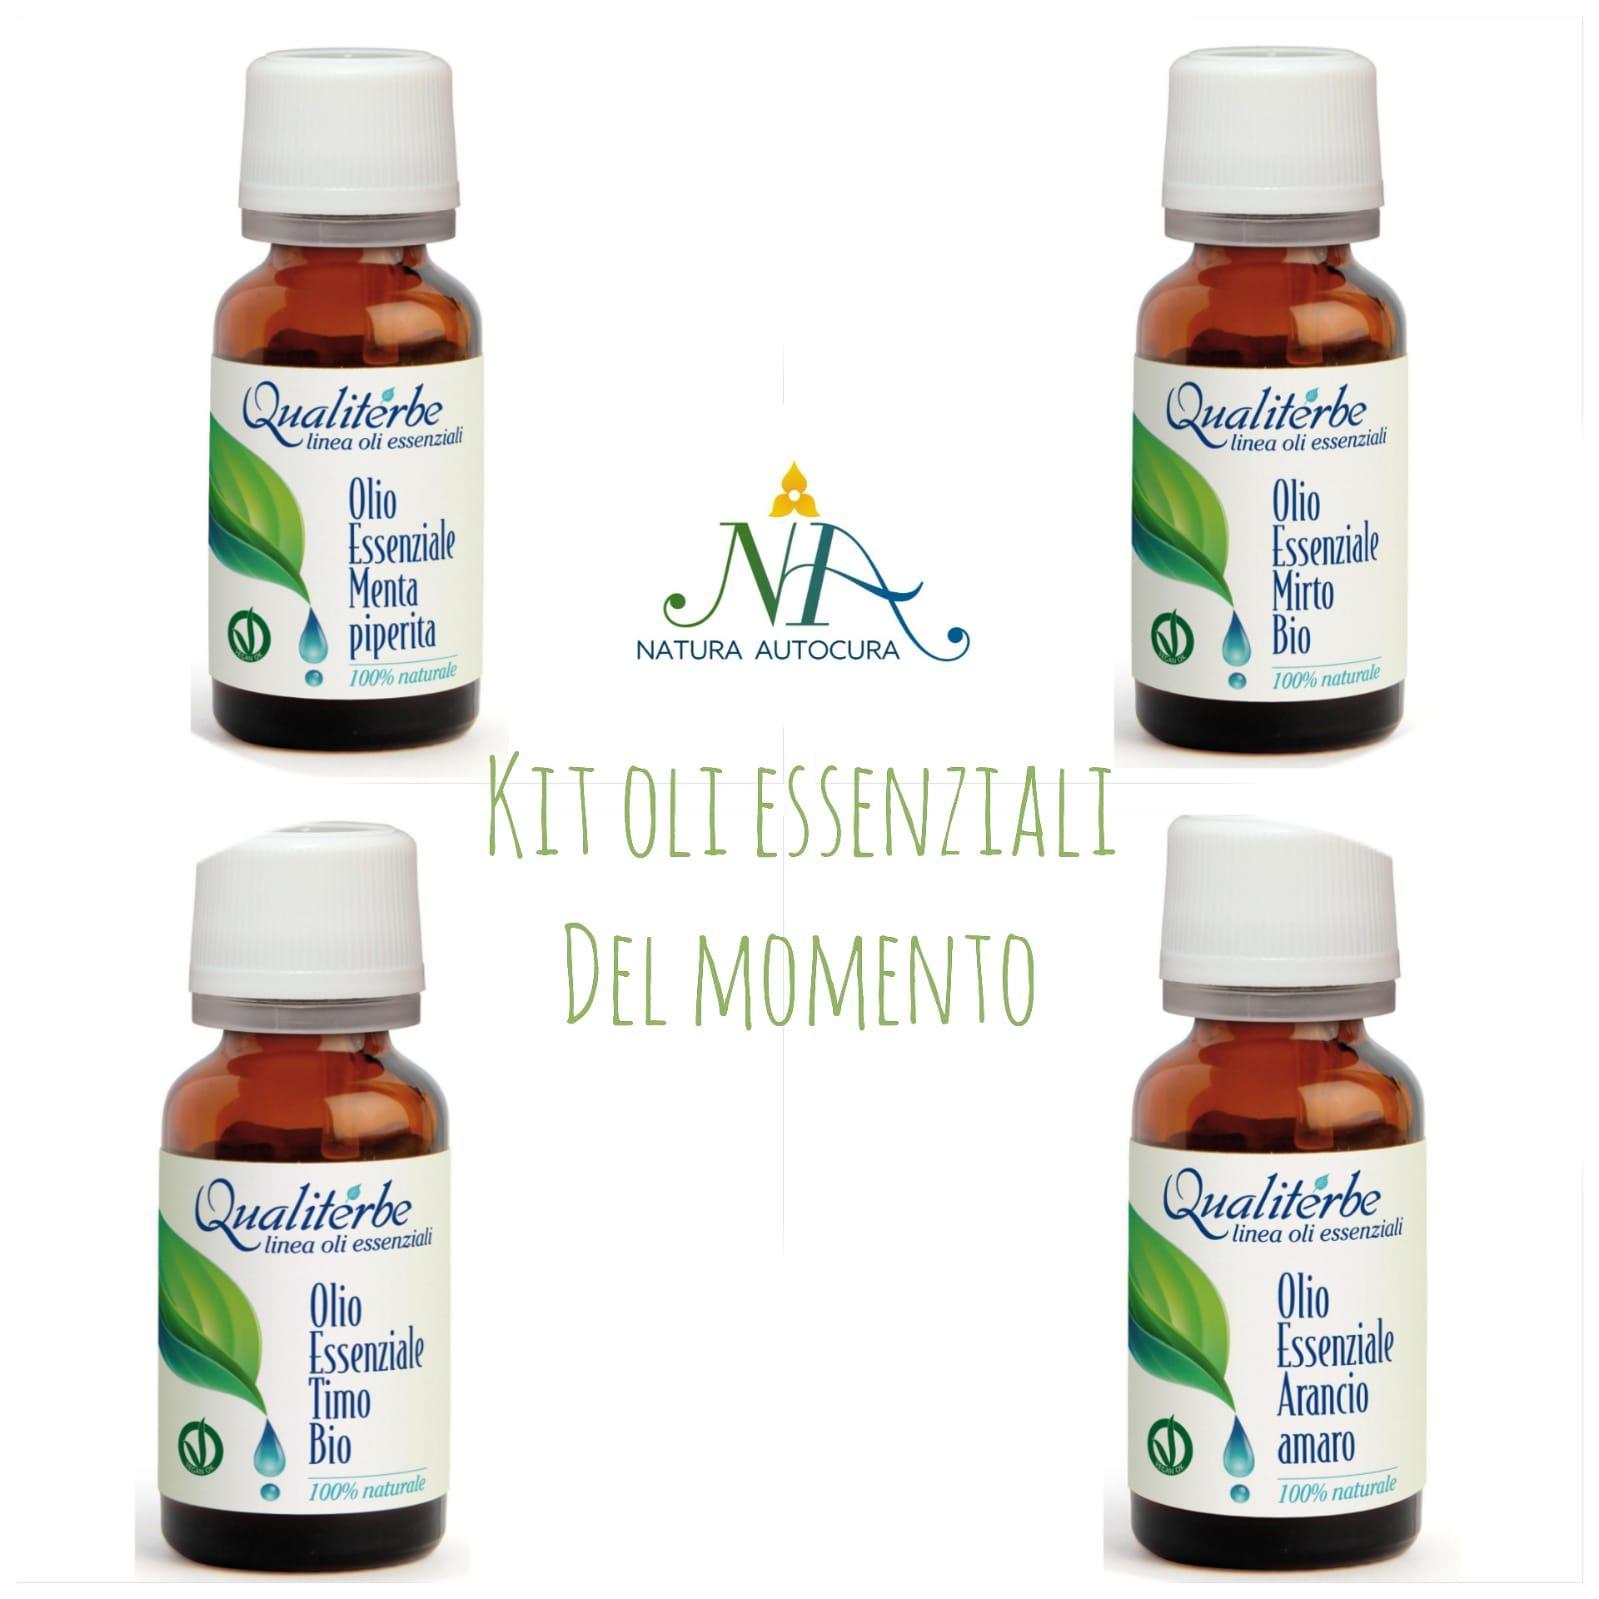 Kit Oli Essenziali del momento Per Gruppo Naturautocura